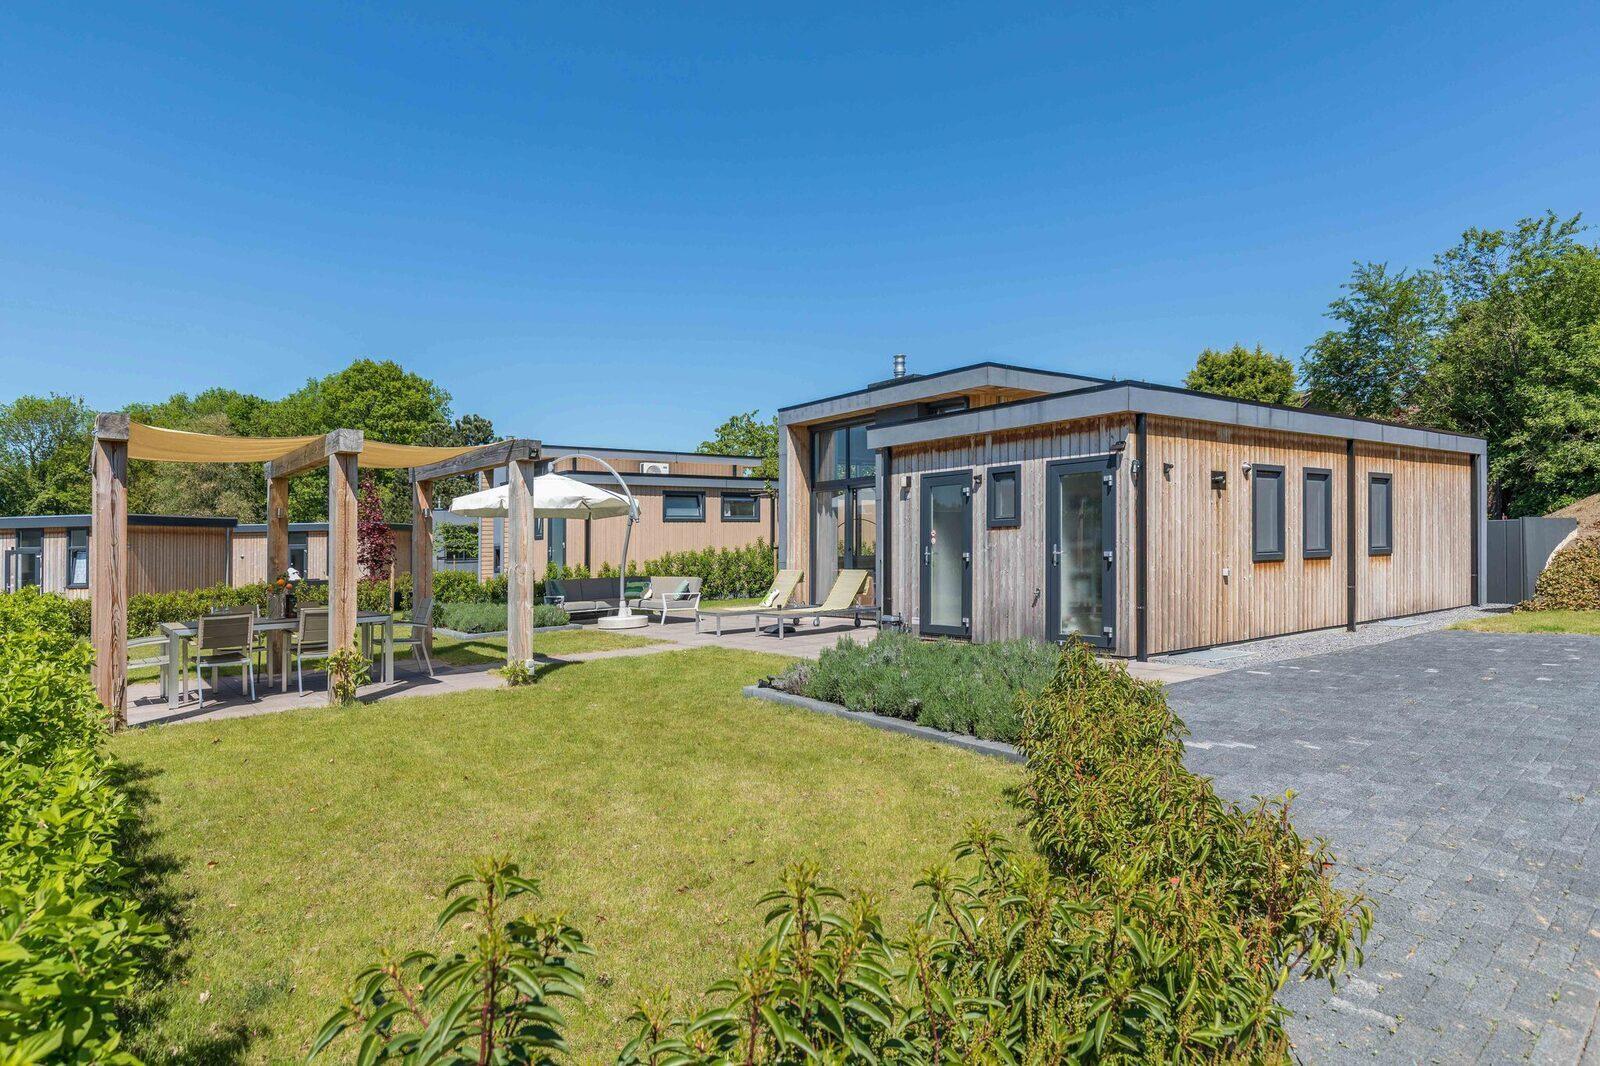 Maison de vacances avec un jardin clôturé